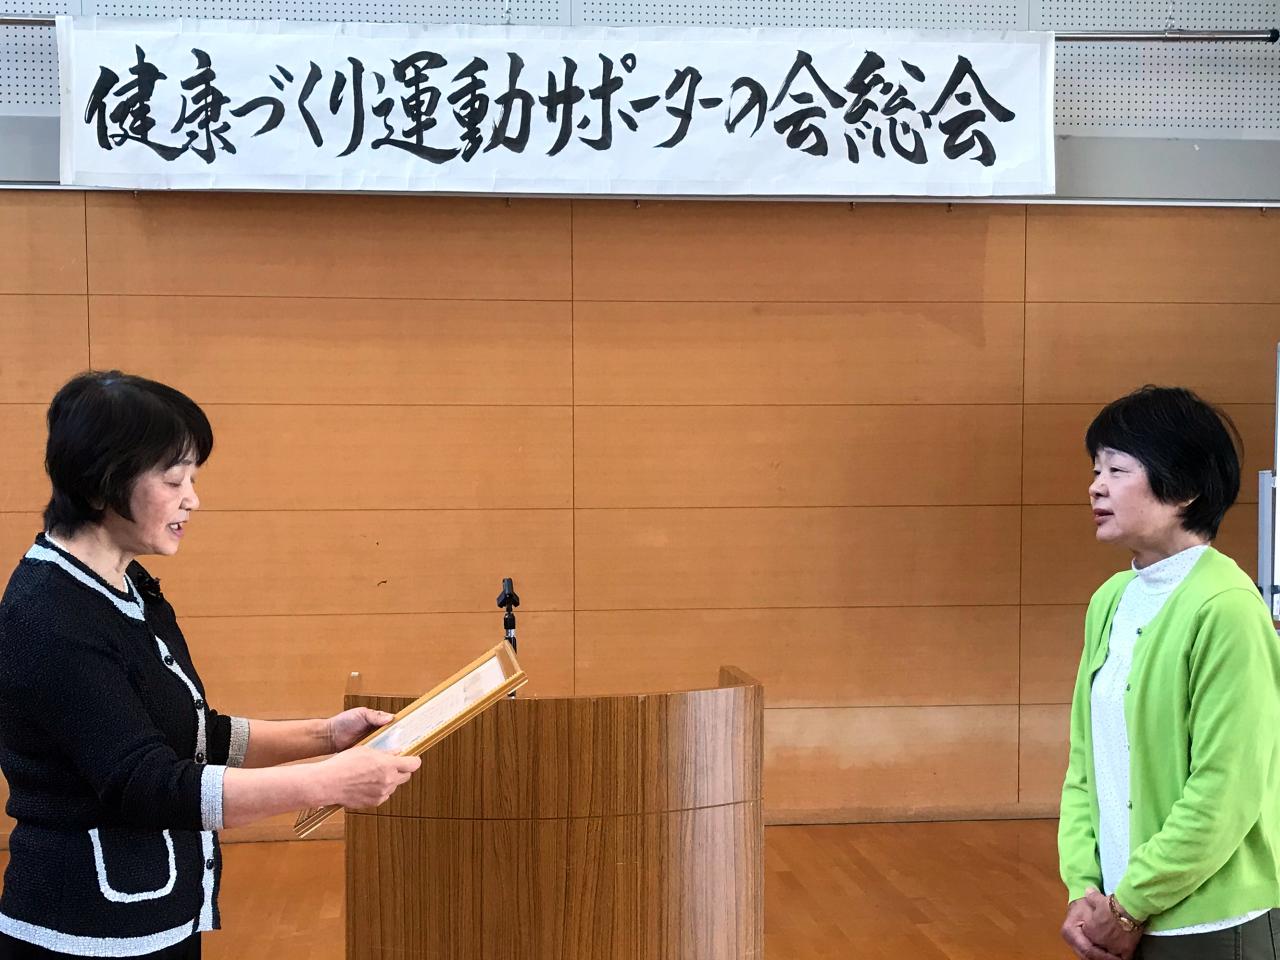 大坪和美会長(H28、H29) 小野鈴子(2期生代表)